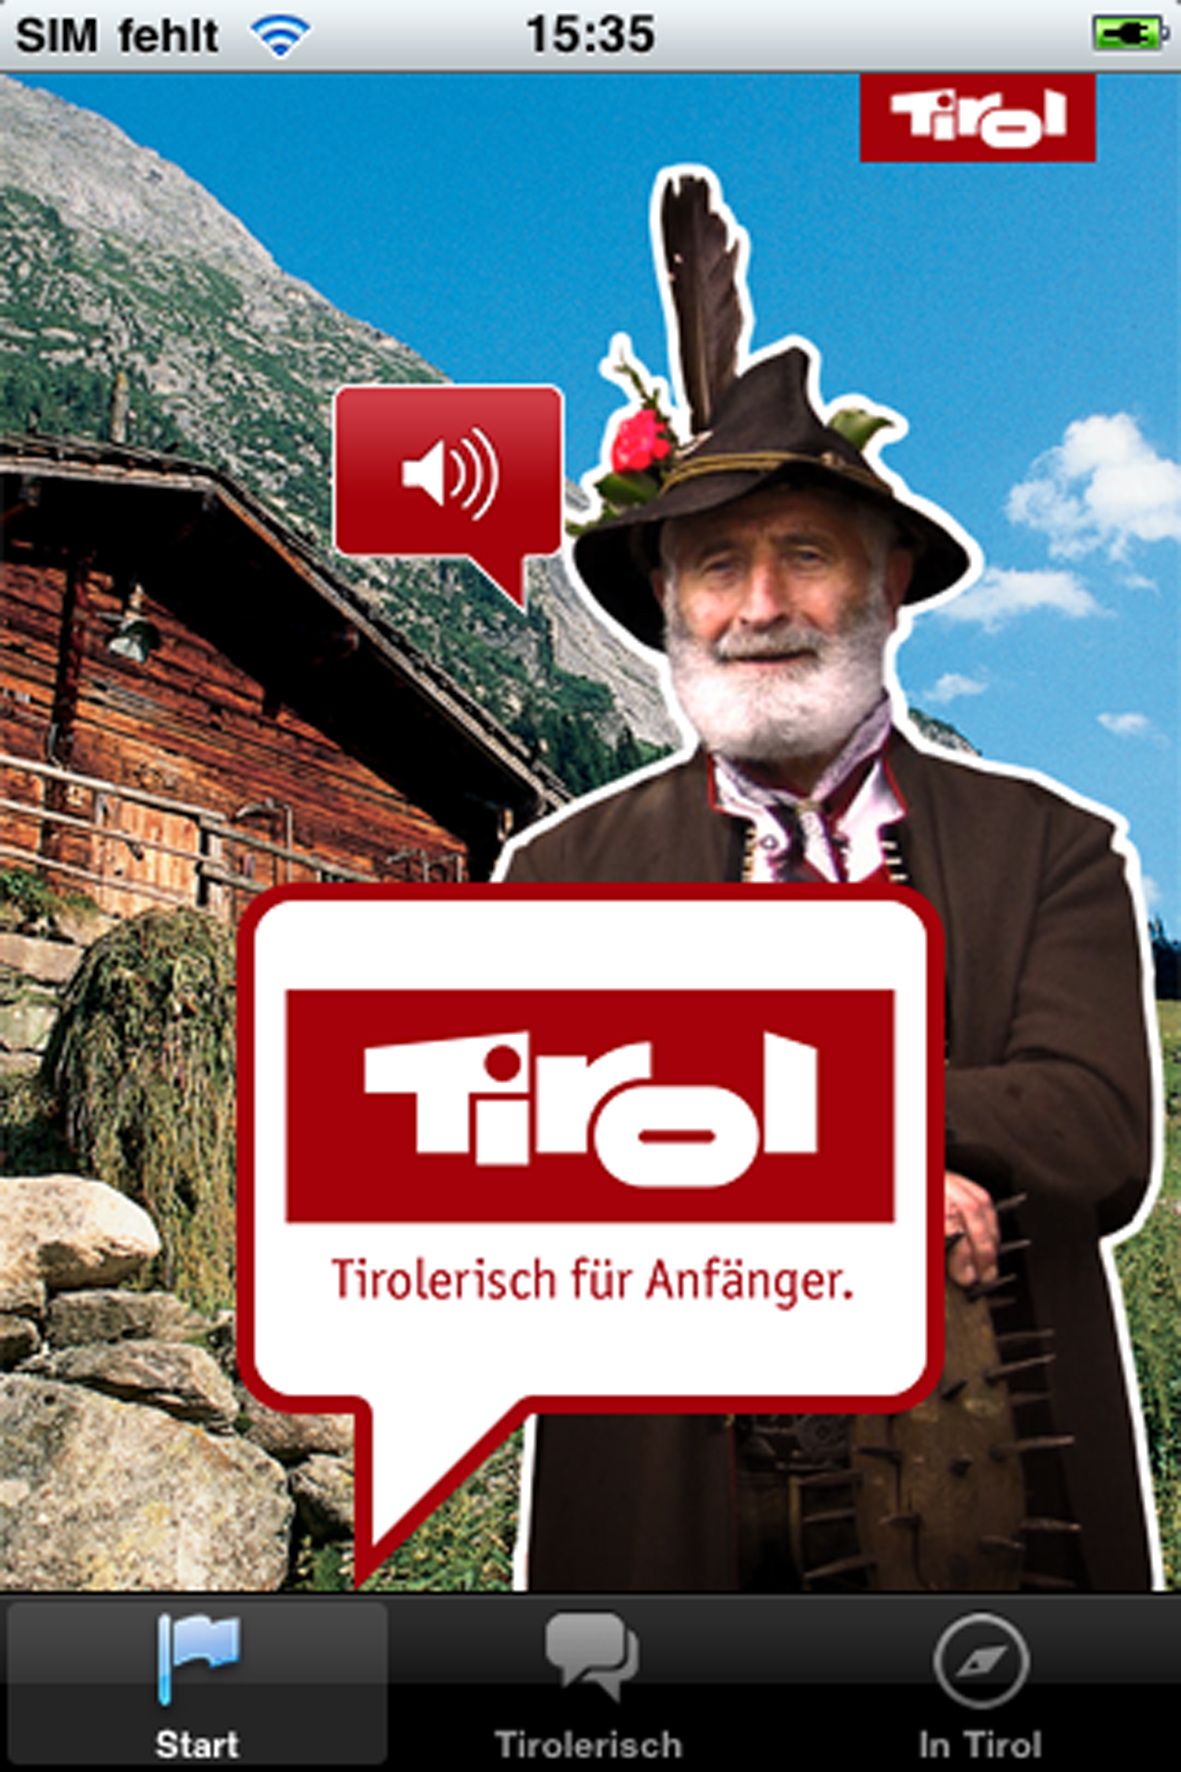 Tirolerisch flirten